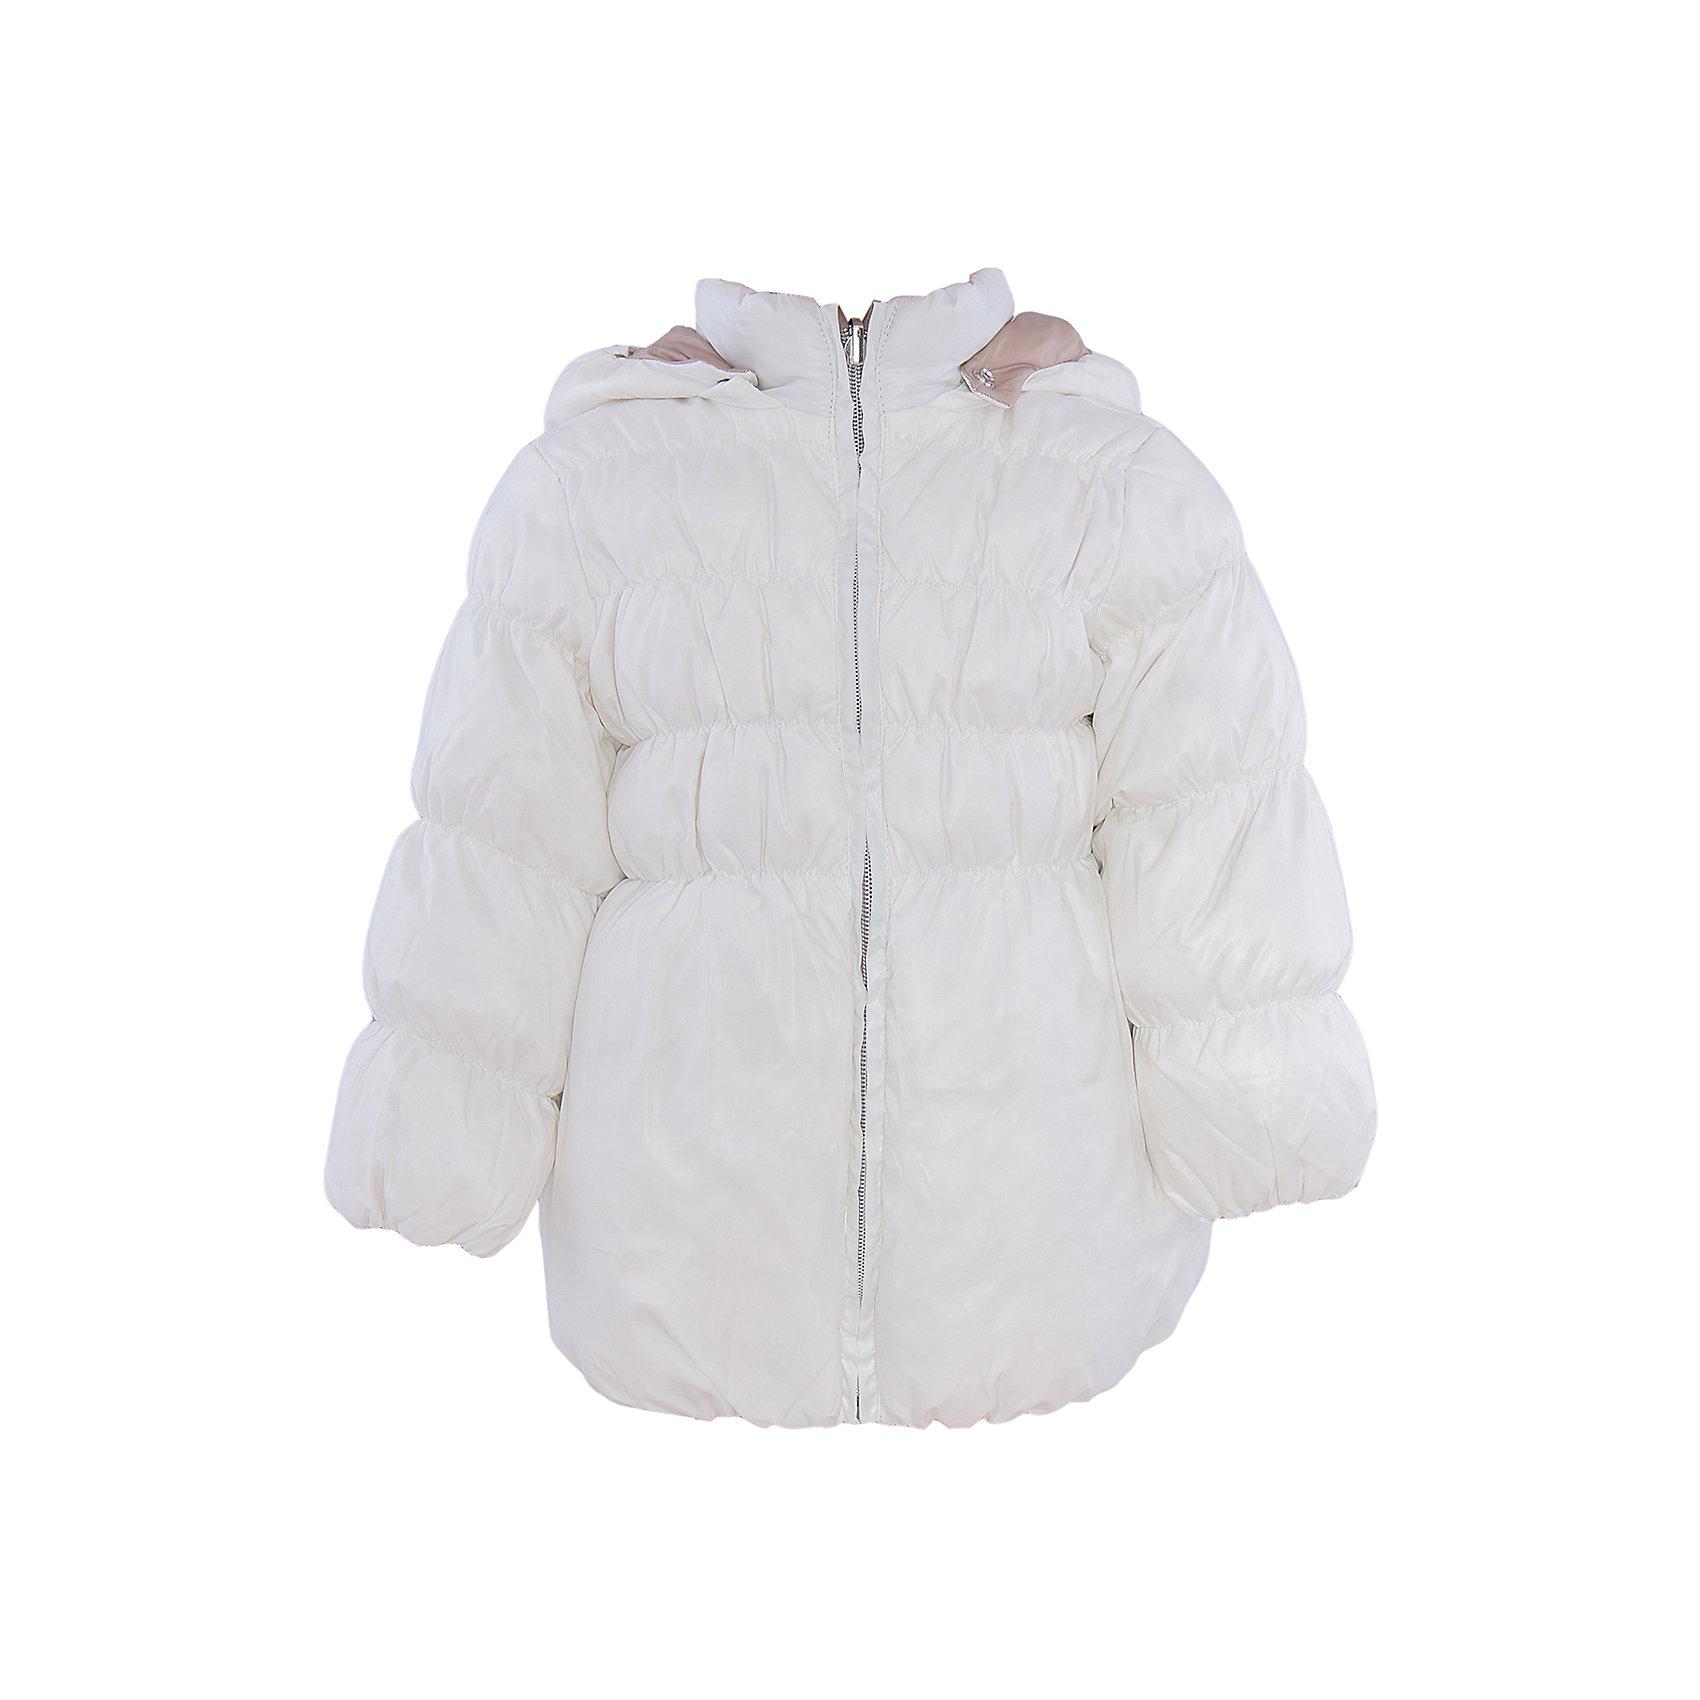 Куртка  CHICCO для девочкиКуртка CHICCO для девочки<br><br>Характеристики:<br><br>Фактура материала: стеганый трикотаж<br>Вид застежки: молния<br>Силуэт: приталенный<br>Длина рукава: длинные<br>Тип карманов: без карманов<br><br>Состав: 100% полиэстер<br><br>Куртку CHICCO для девочки можно купить в нашем интернет-магазине.<br><br>Ширина мм: 356<br>Глубина мм: 10<br>Высота мм: 245<br>Вес г: 519<br>Цвет: бежевый<br>Возраст от месяцев: 84<br>Возраст до месяцев: 96<br>Пол: Женский<br>Возраст: Детский<br>Размер: 128,92,98,104,110,116,122<br>SKU: 5079421